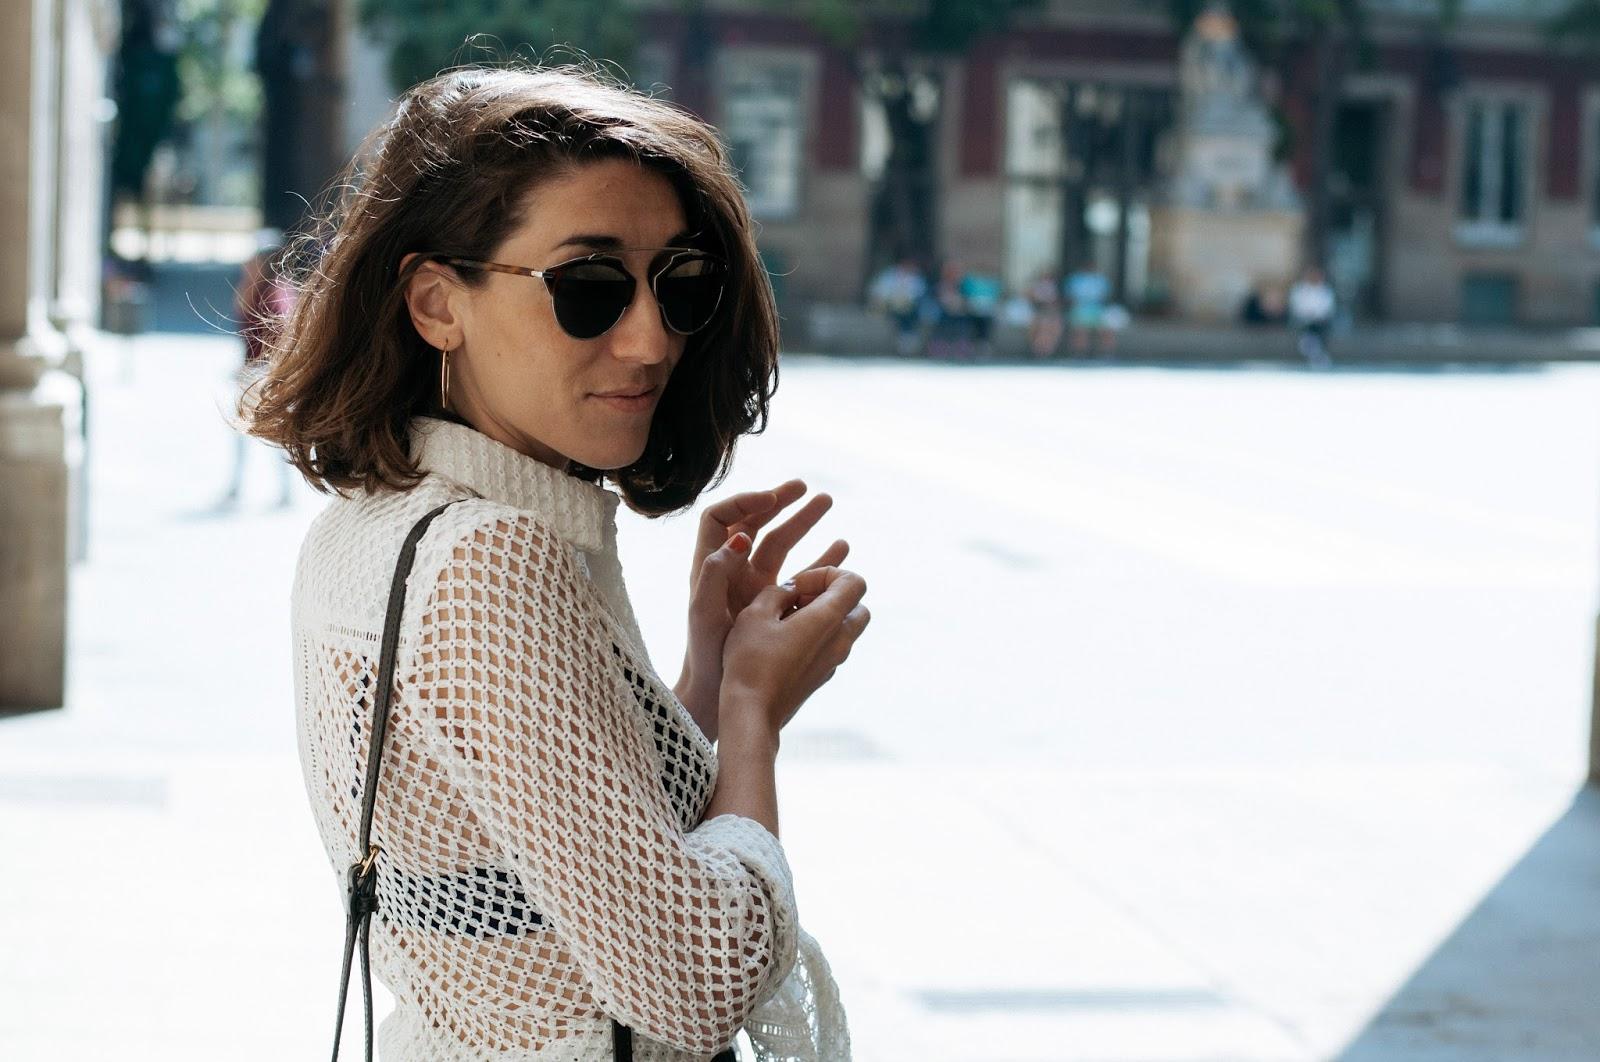 Camisa y sandalias Asos, culotte H&M, gafas de sol Dior